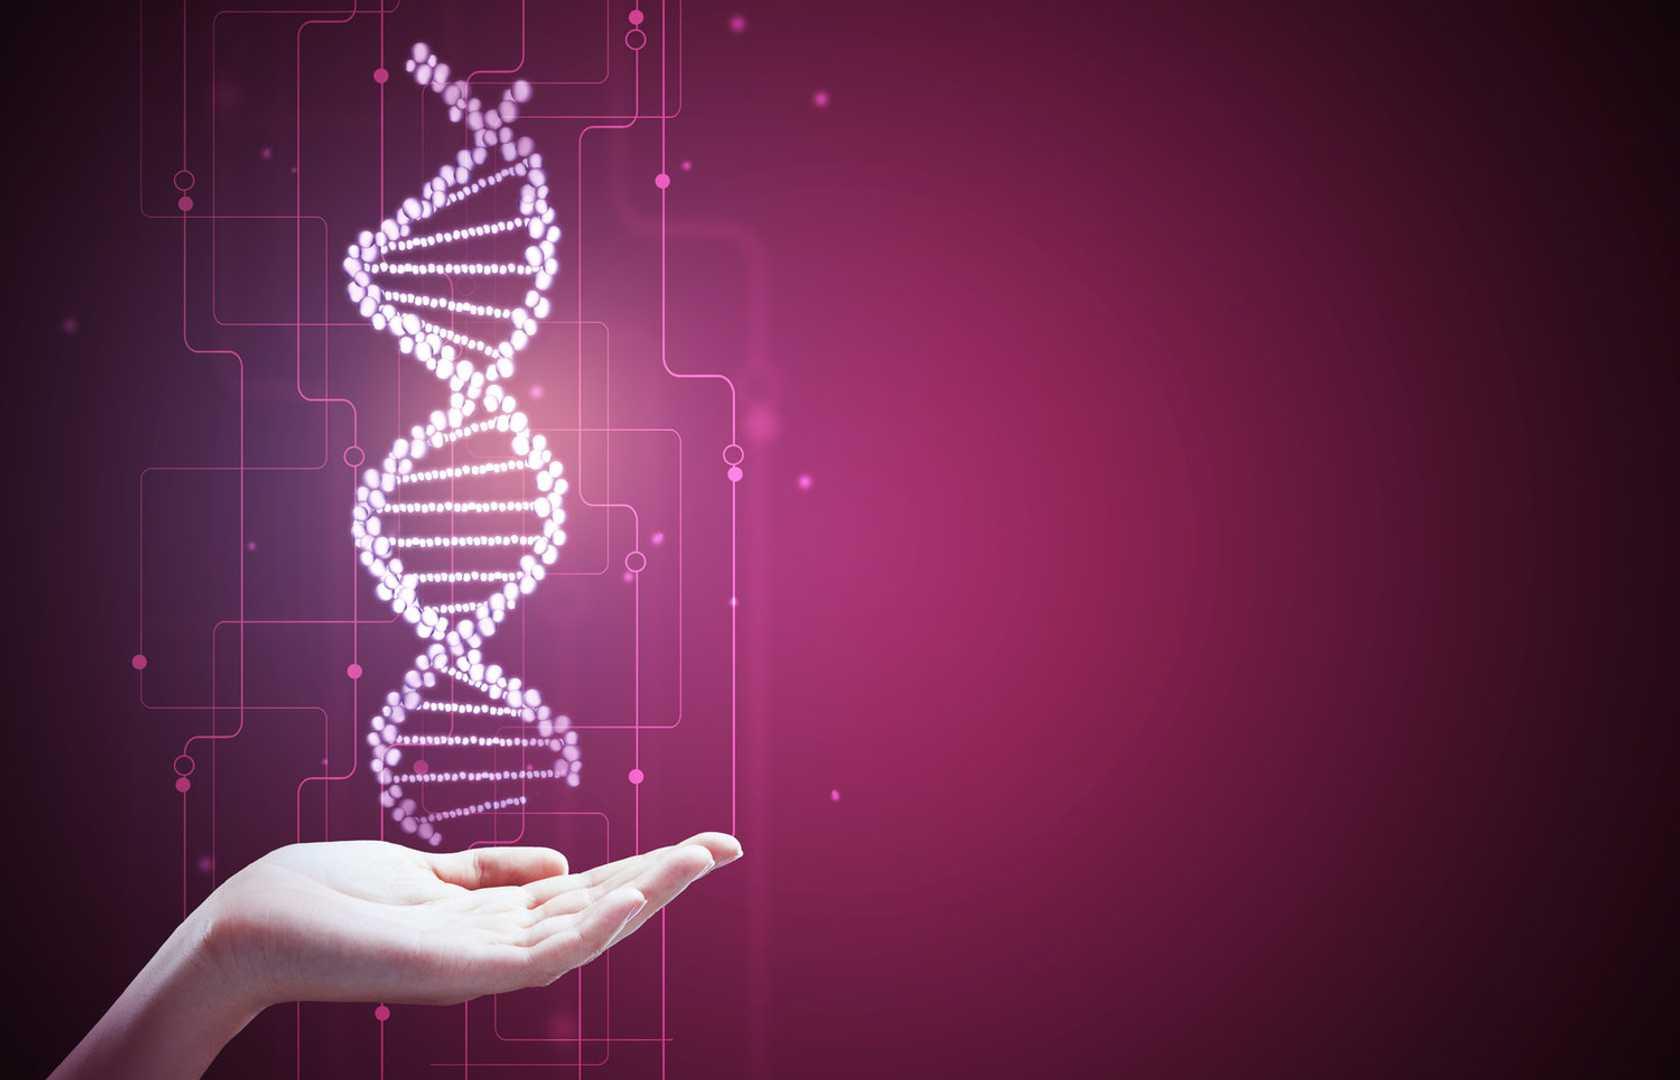 Génétique et évolution | Pearltrees